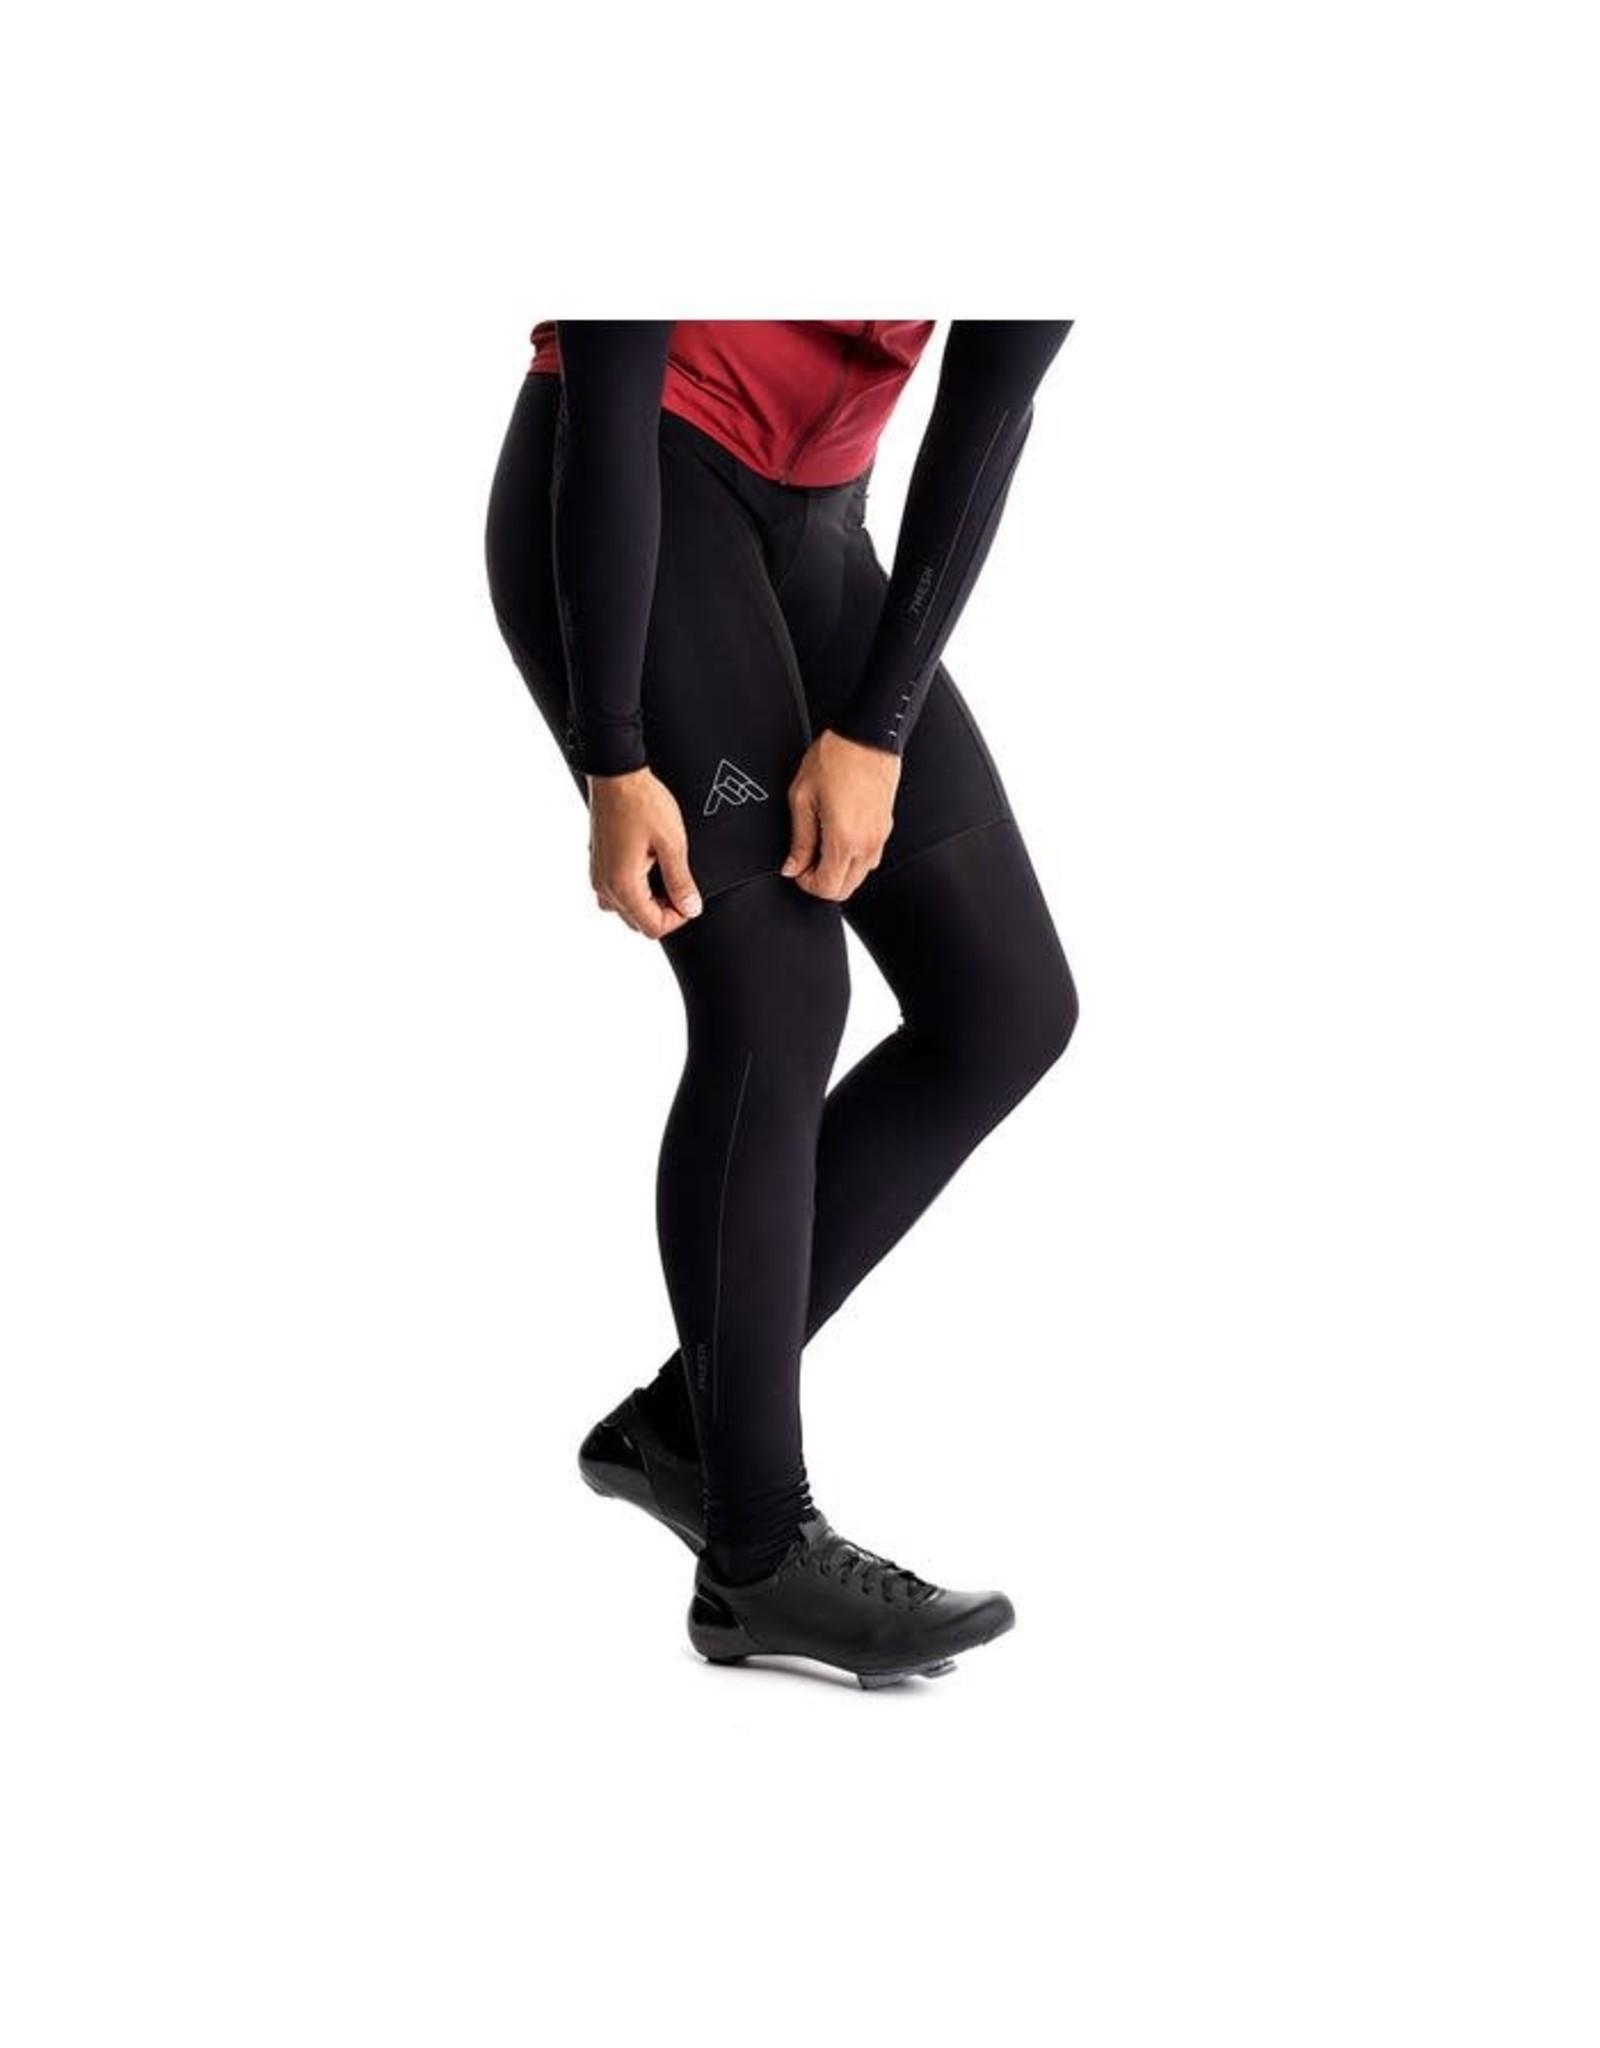 7MESH 7MESH - Colorado Leg Warmers Black Lrg